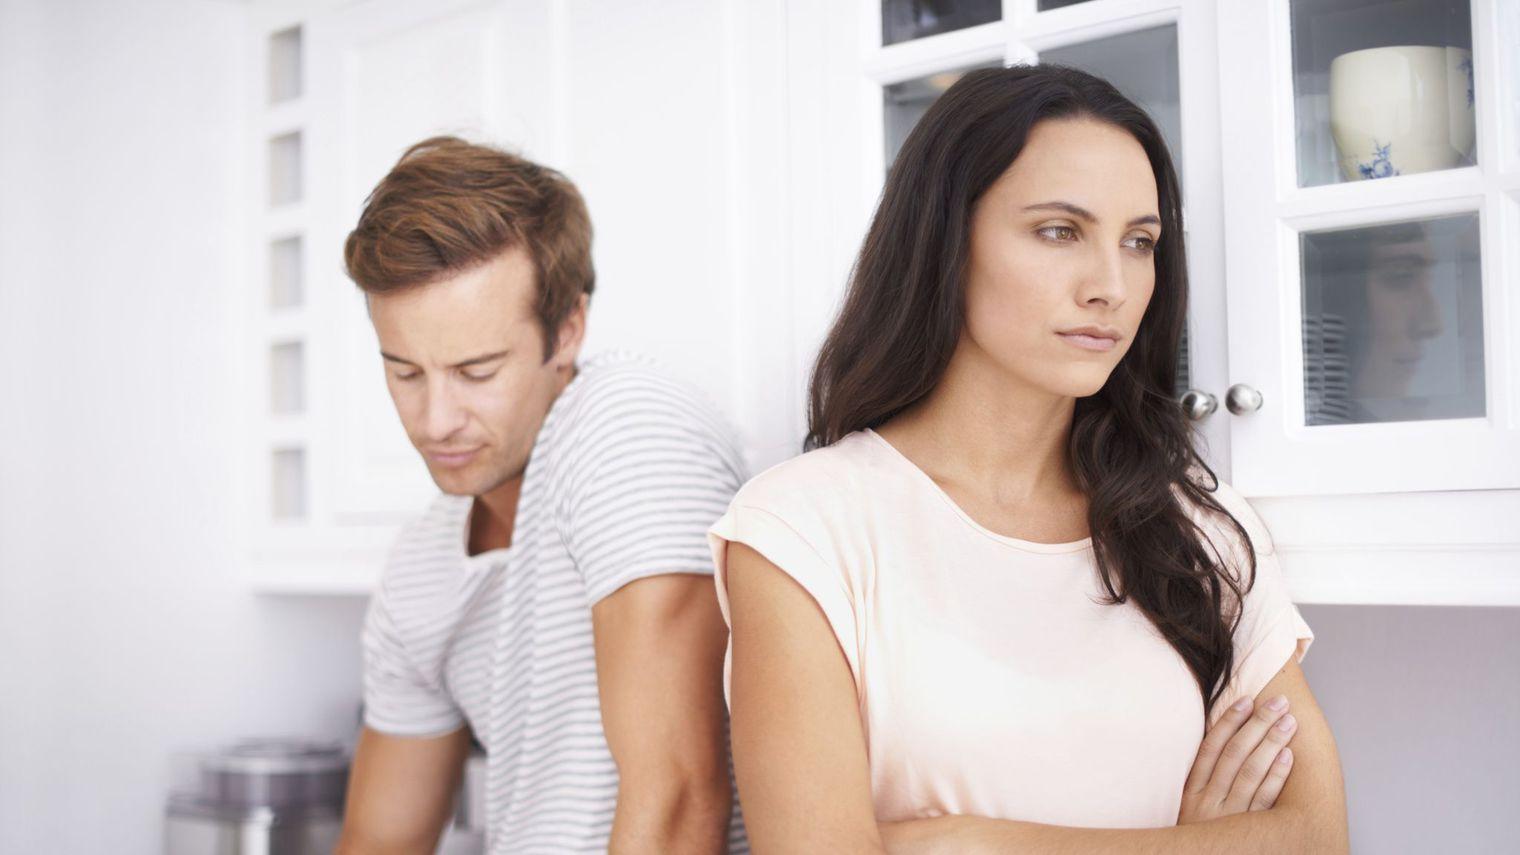 Comment Réagit Une Femme Trompée reconquérir son ex femme : 10 règles pour mener à bien votre